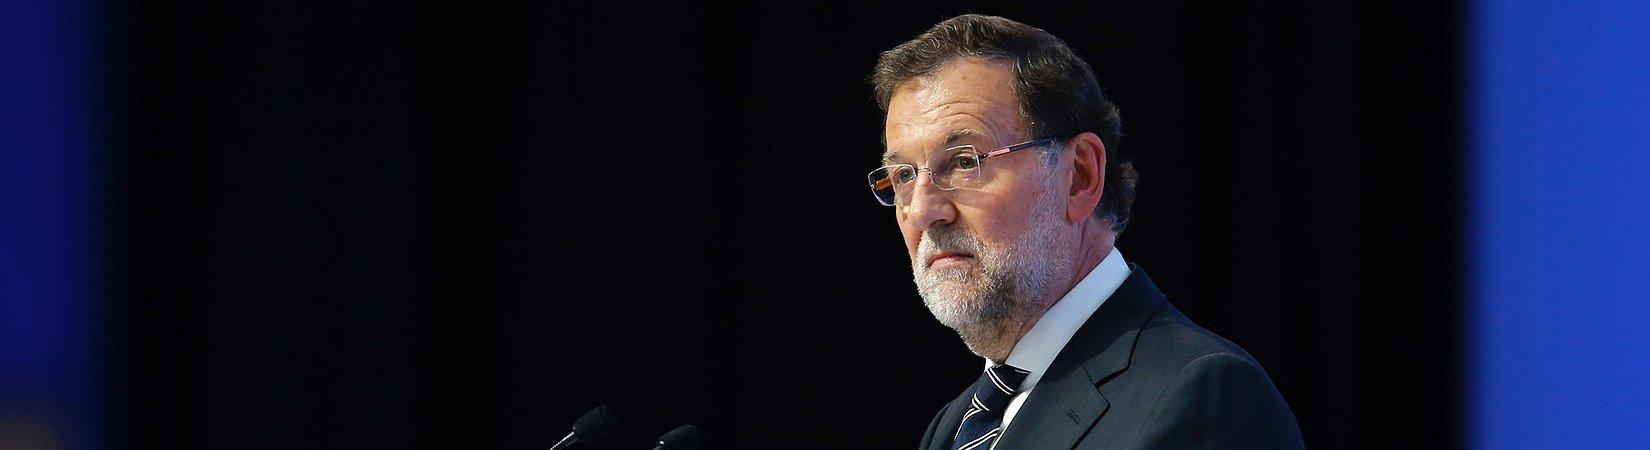 Rajoy comparece en el congreso por corrupción